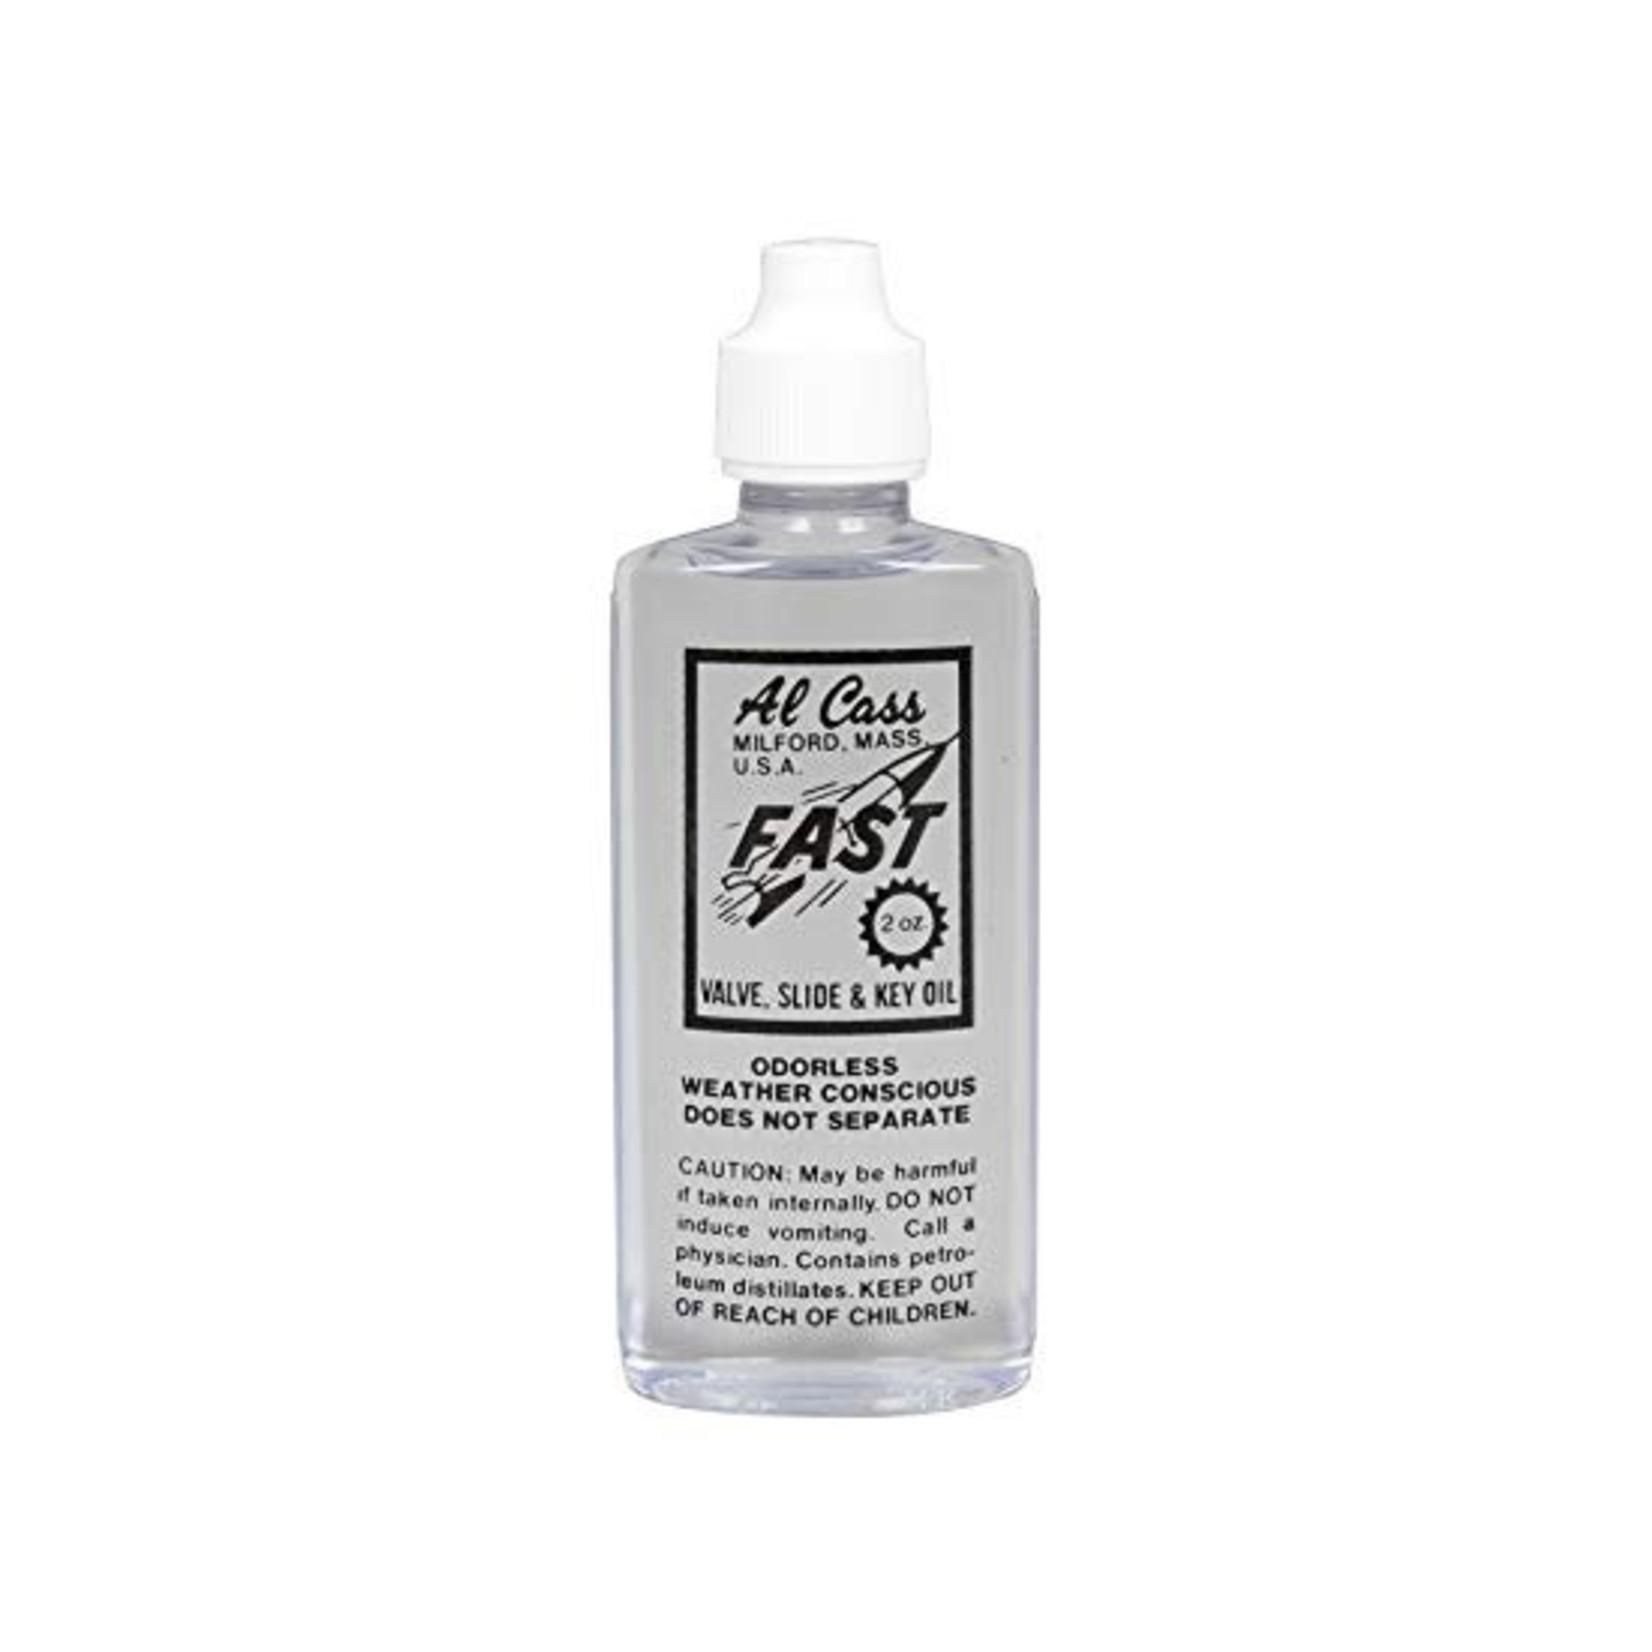 Al Cass FAST Valve Slide & Key Oil